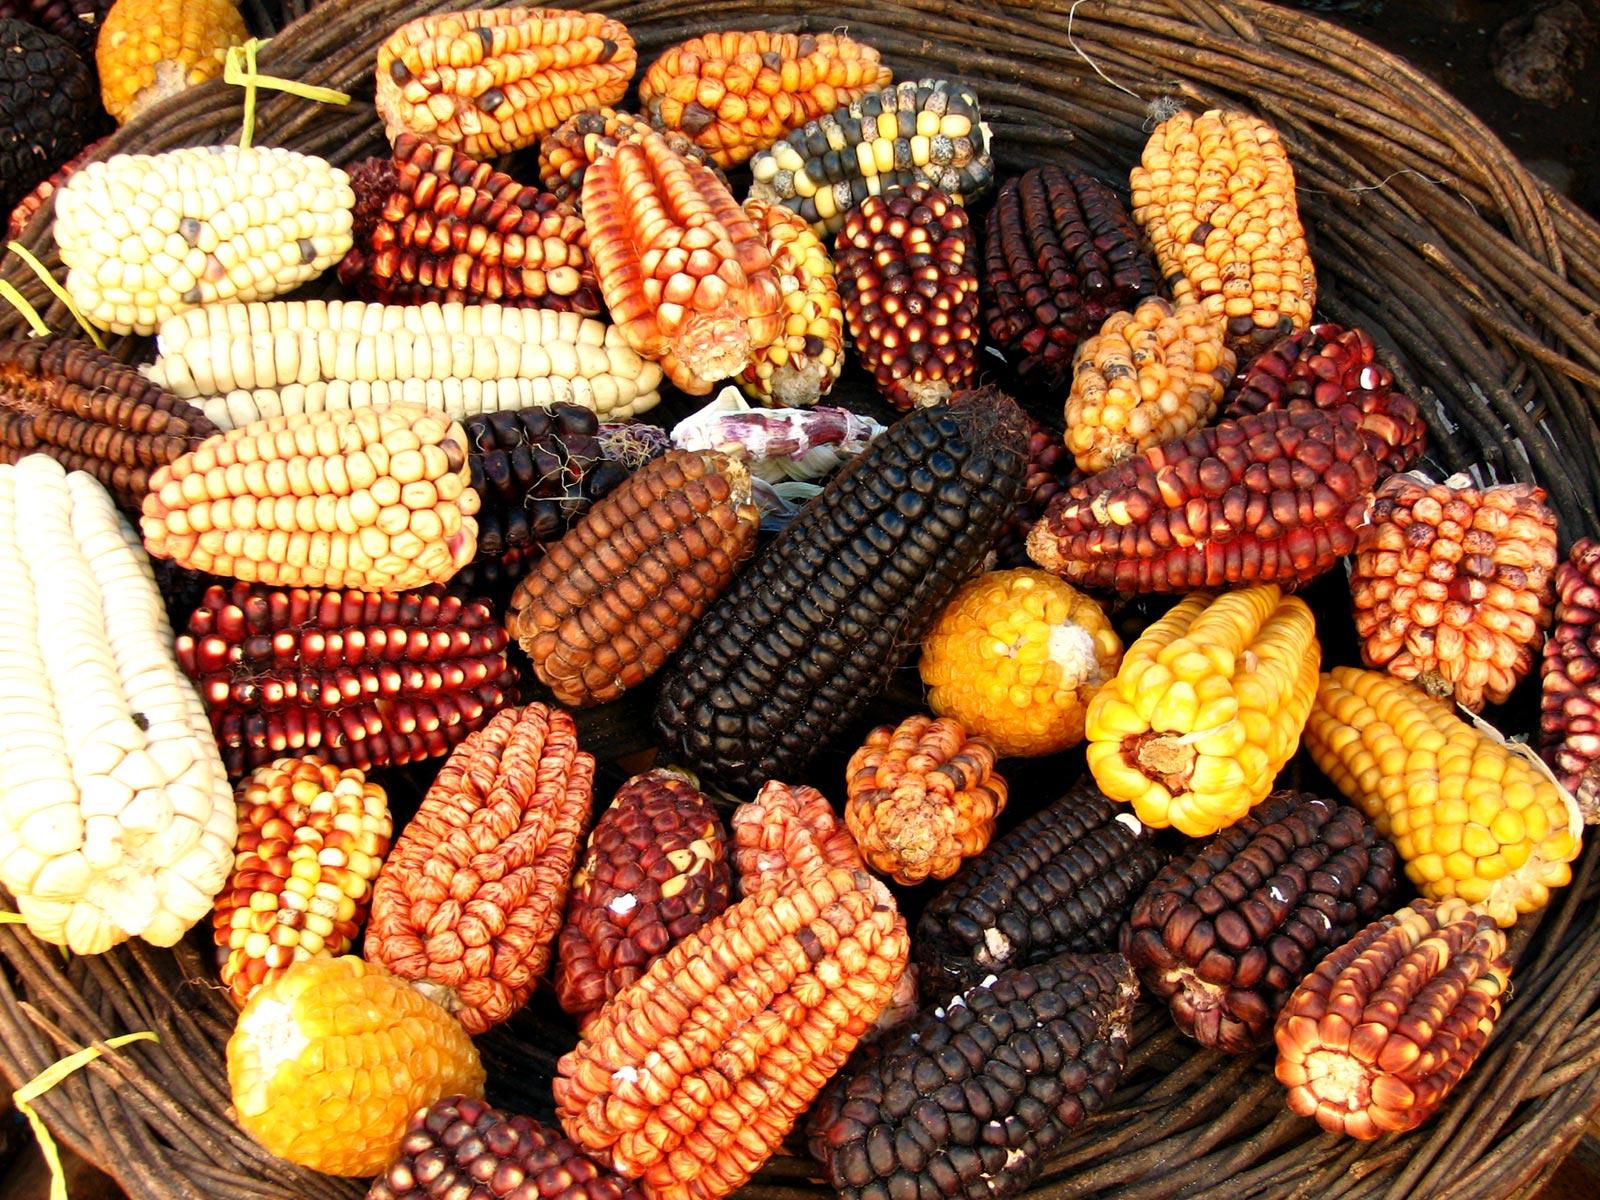 Variedades de maíz